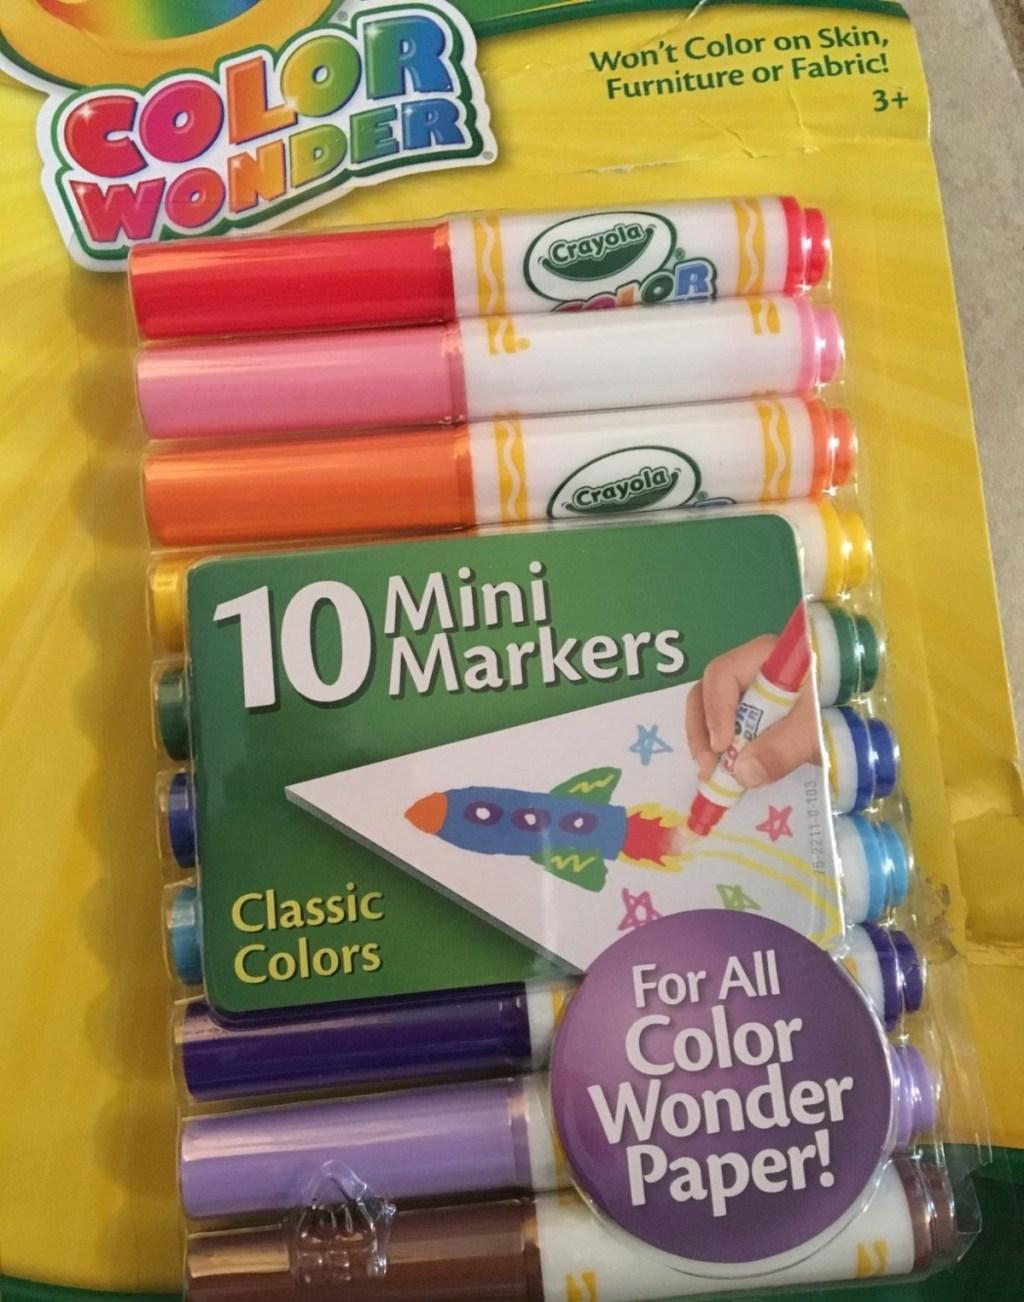 Crayola color wonder markers